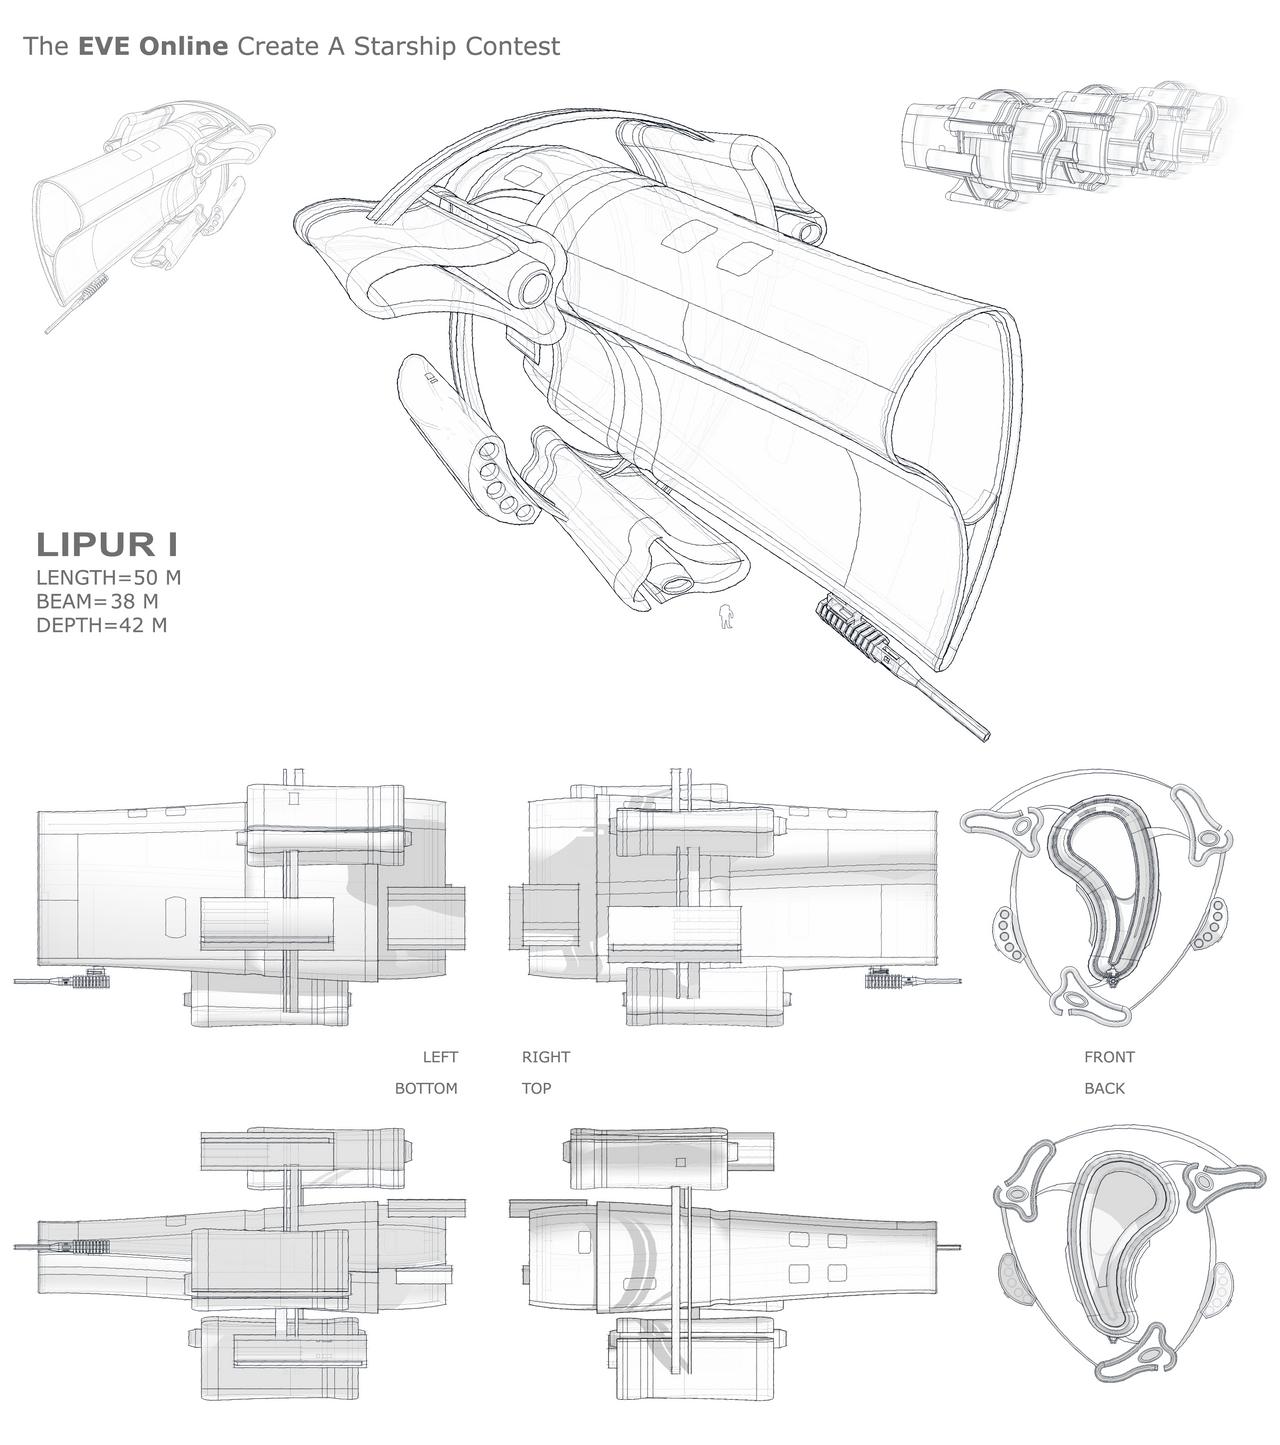 LIPUR I Starship by ruslendingur